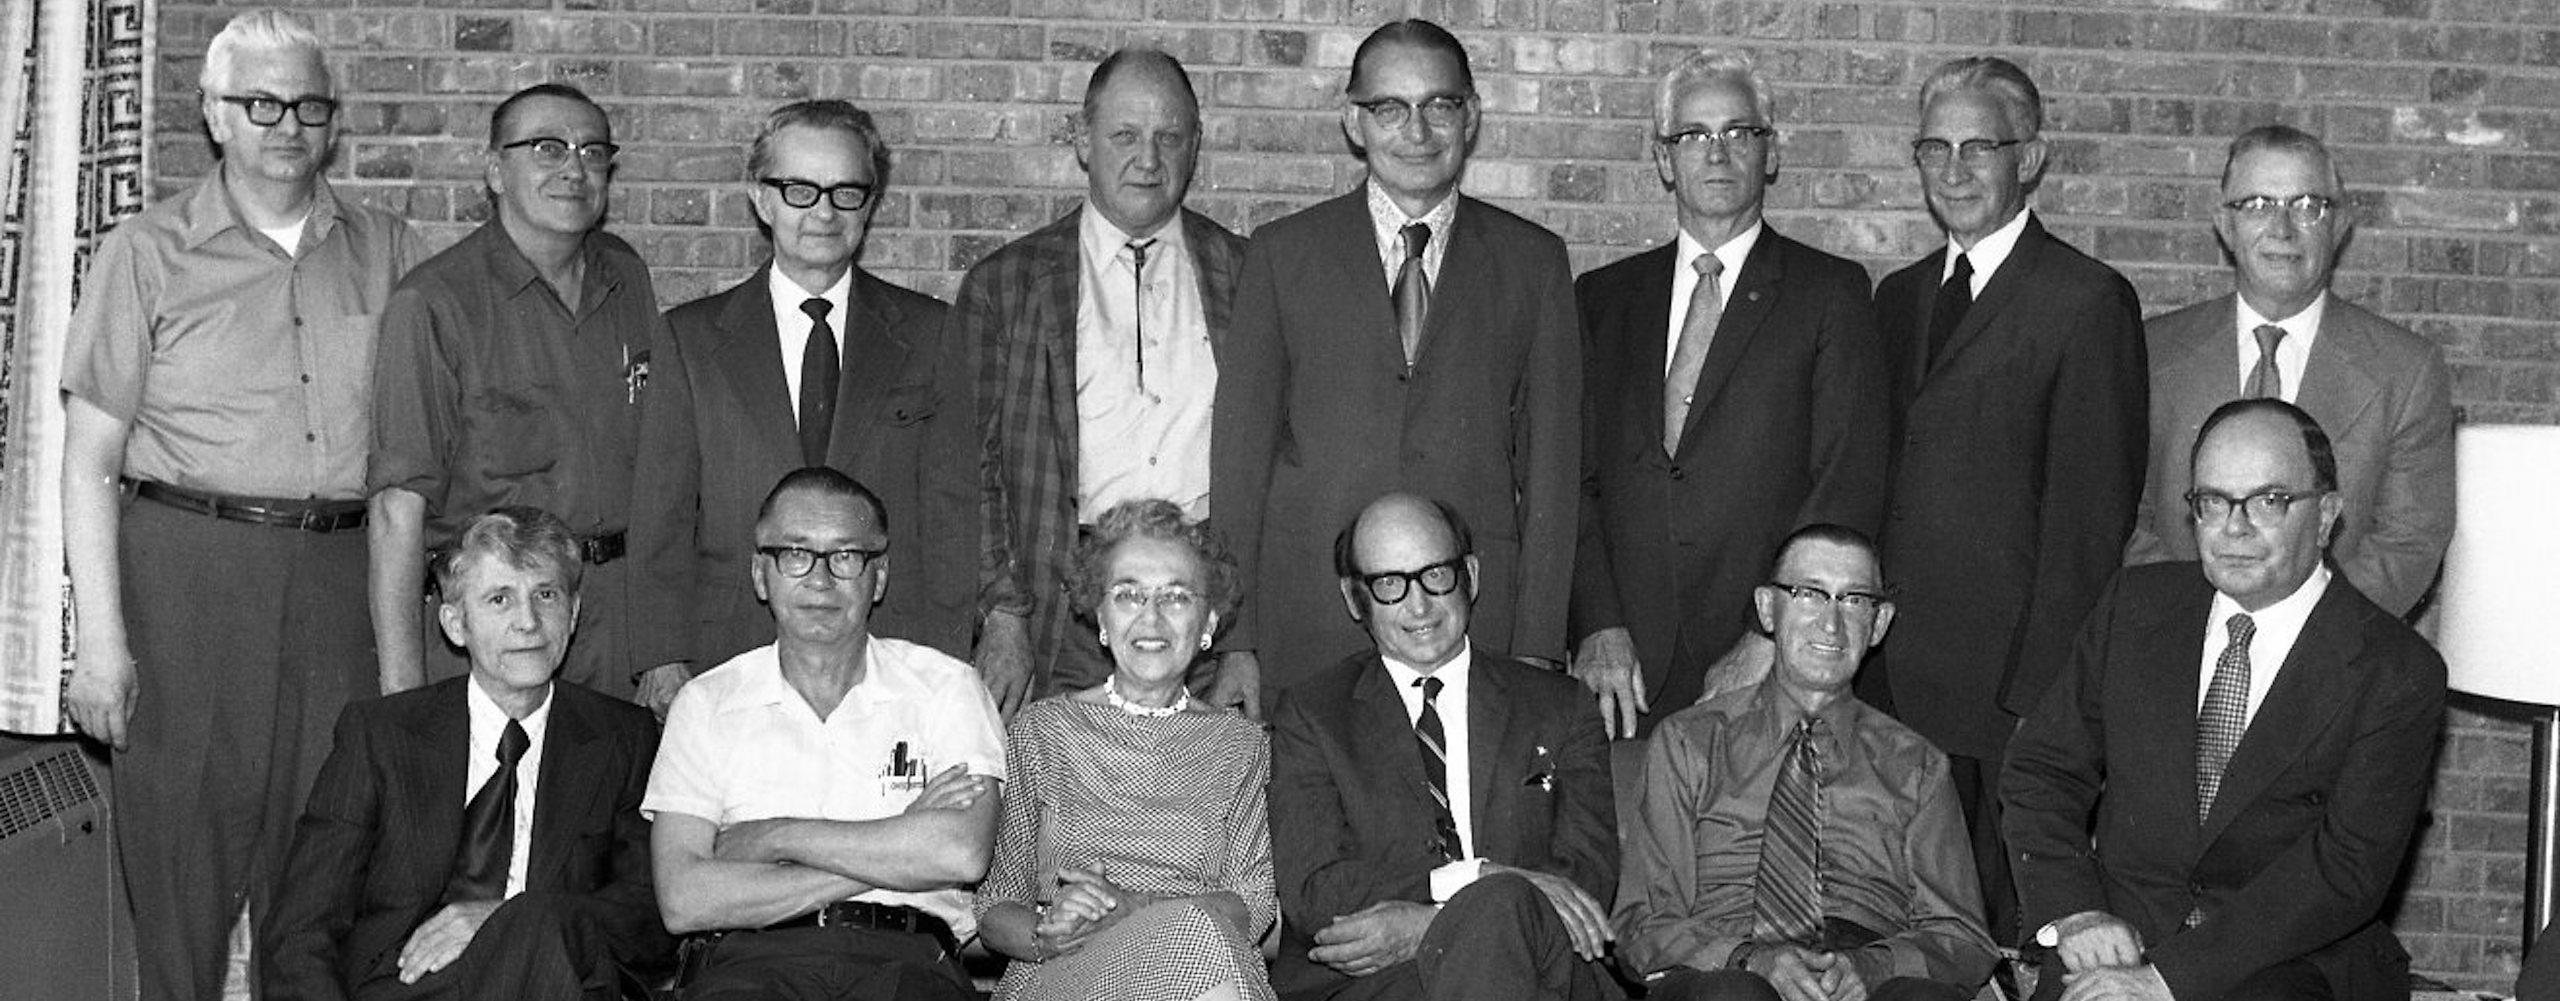 1972 faculty